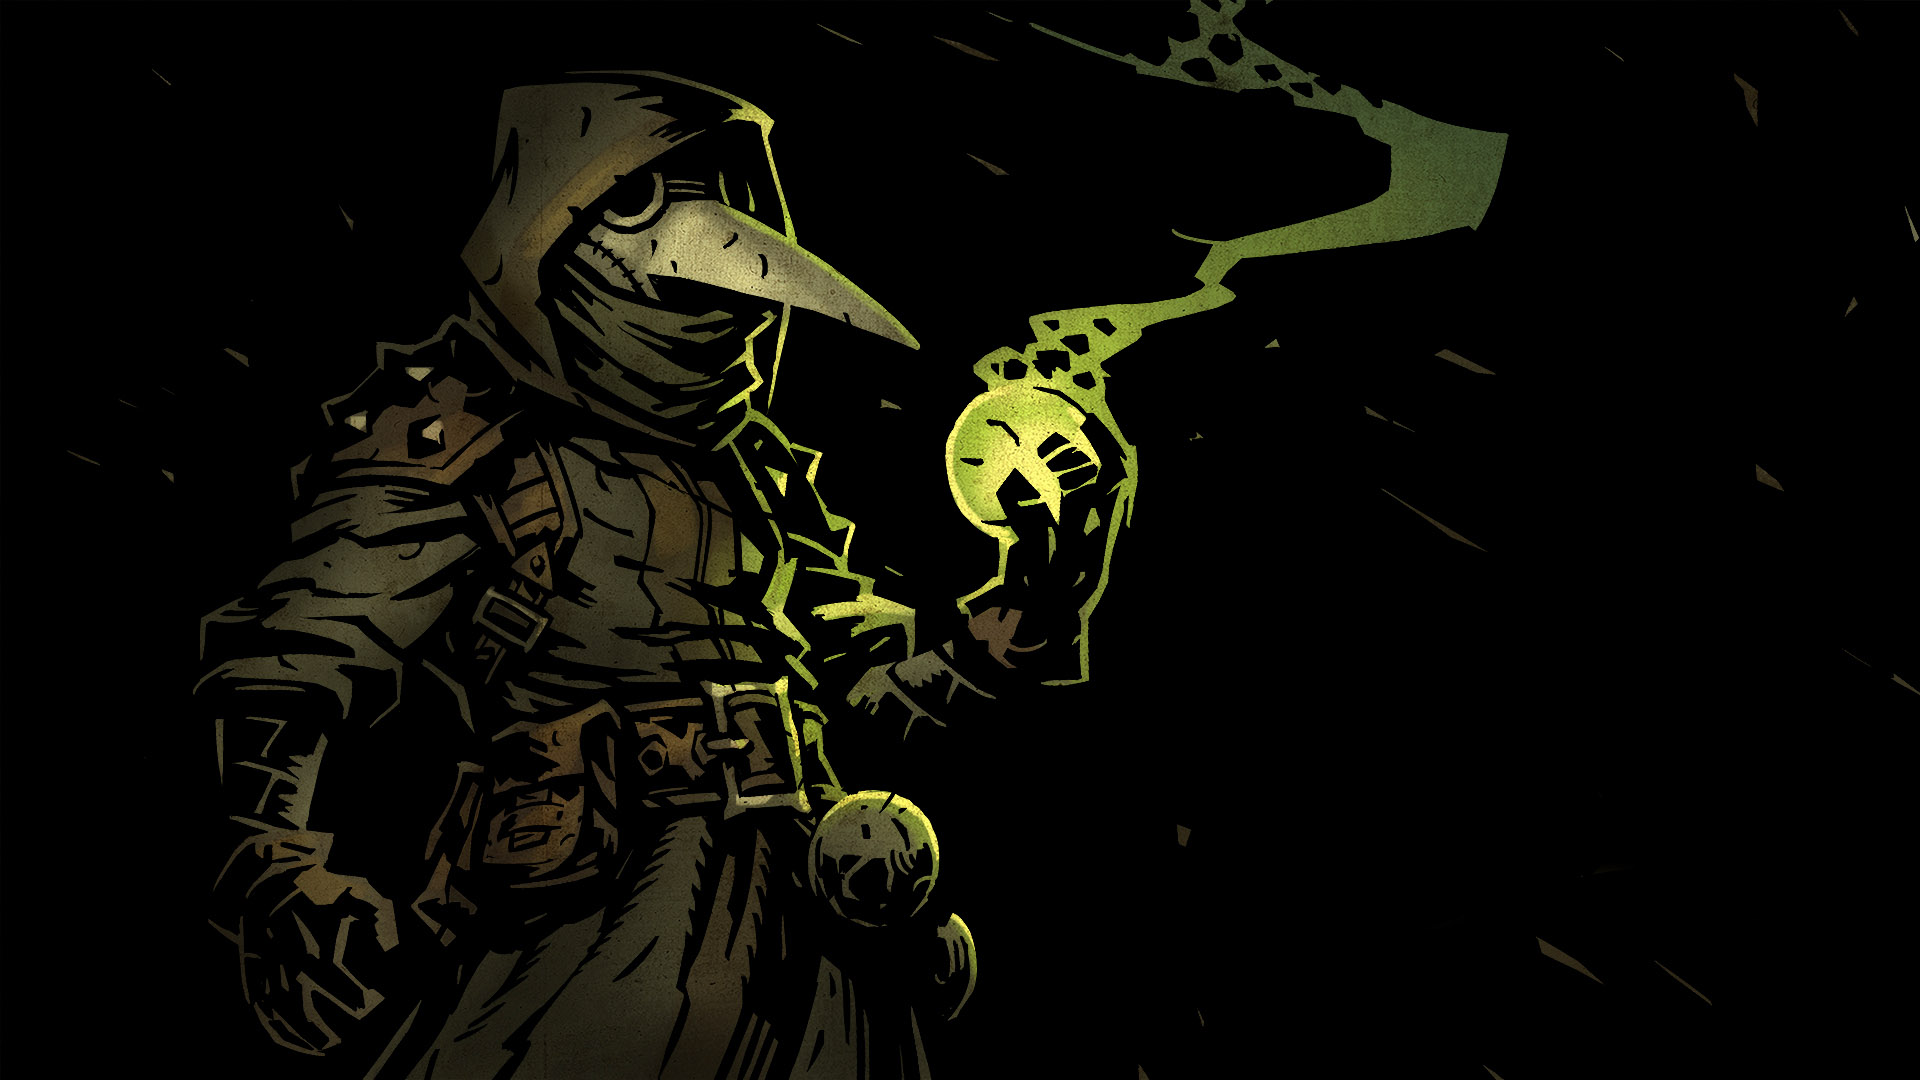 Darkest dungeon clipart 1920x1080.